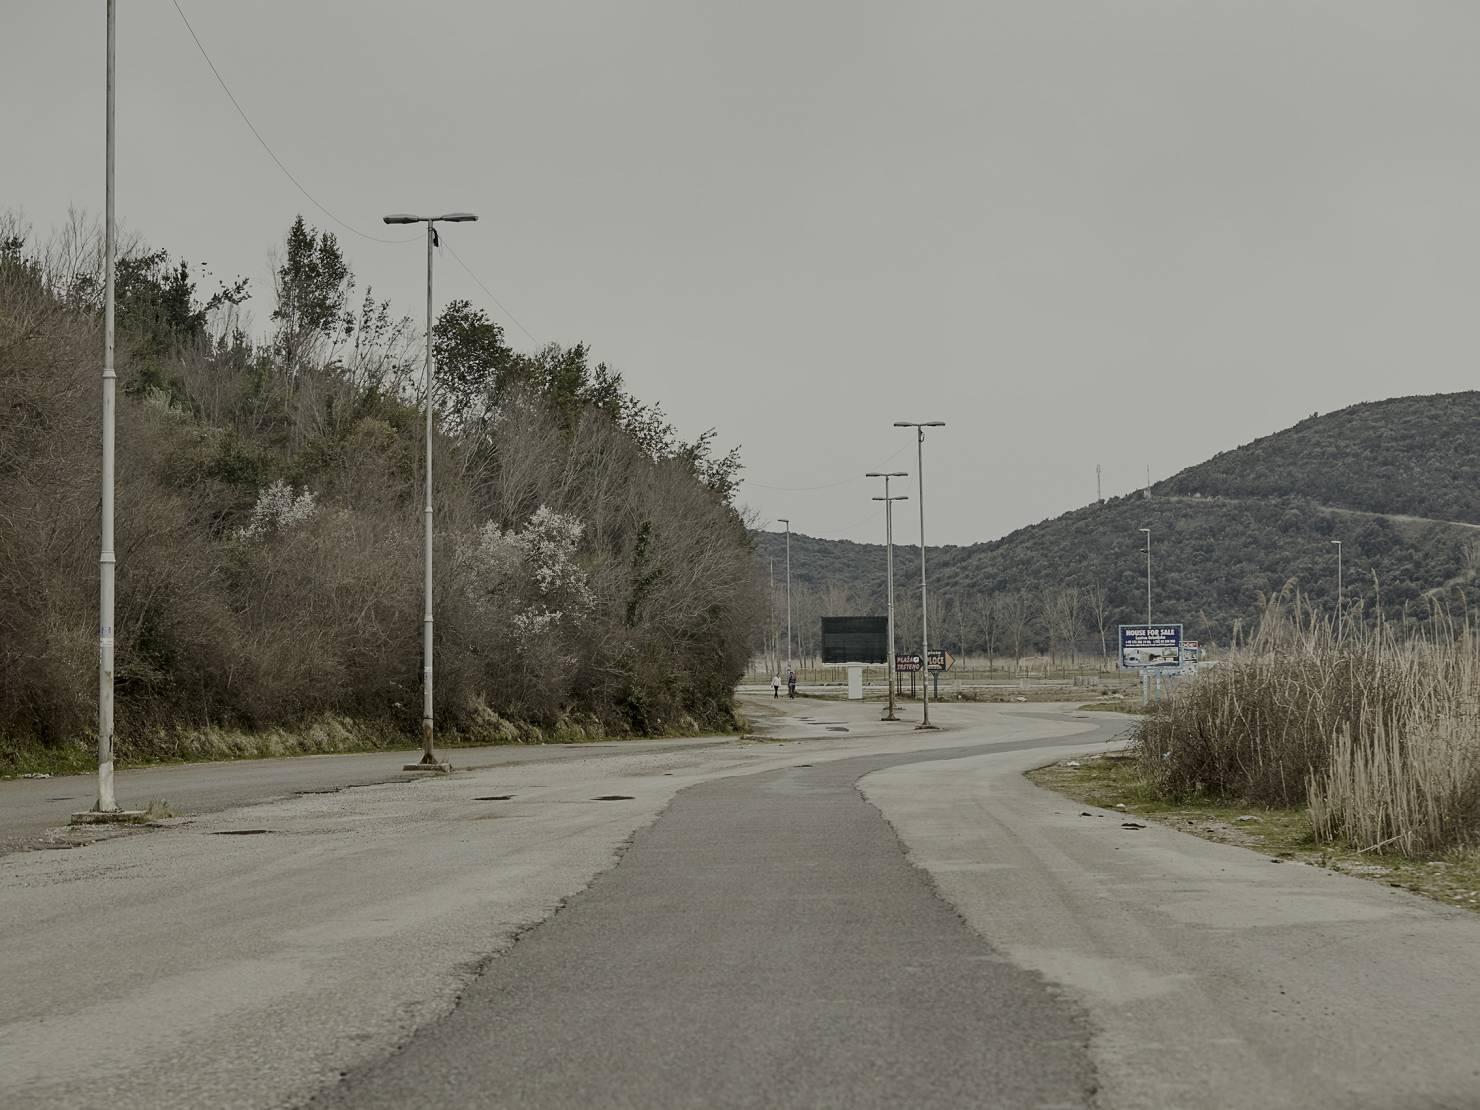 montenegro_001_patrick_schuttler-a6d086f93c959306613e7303dfd54161